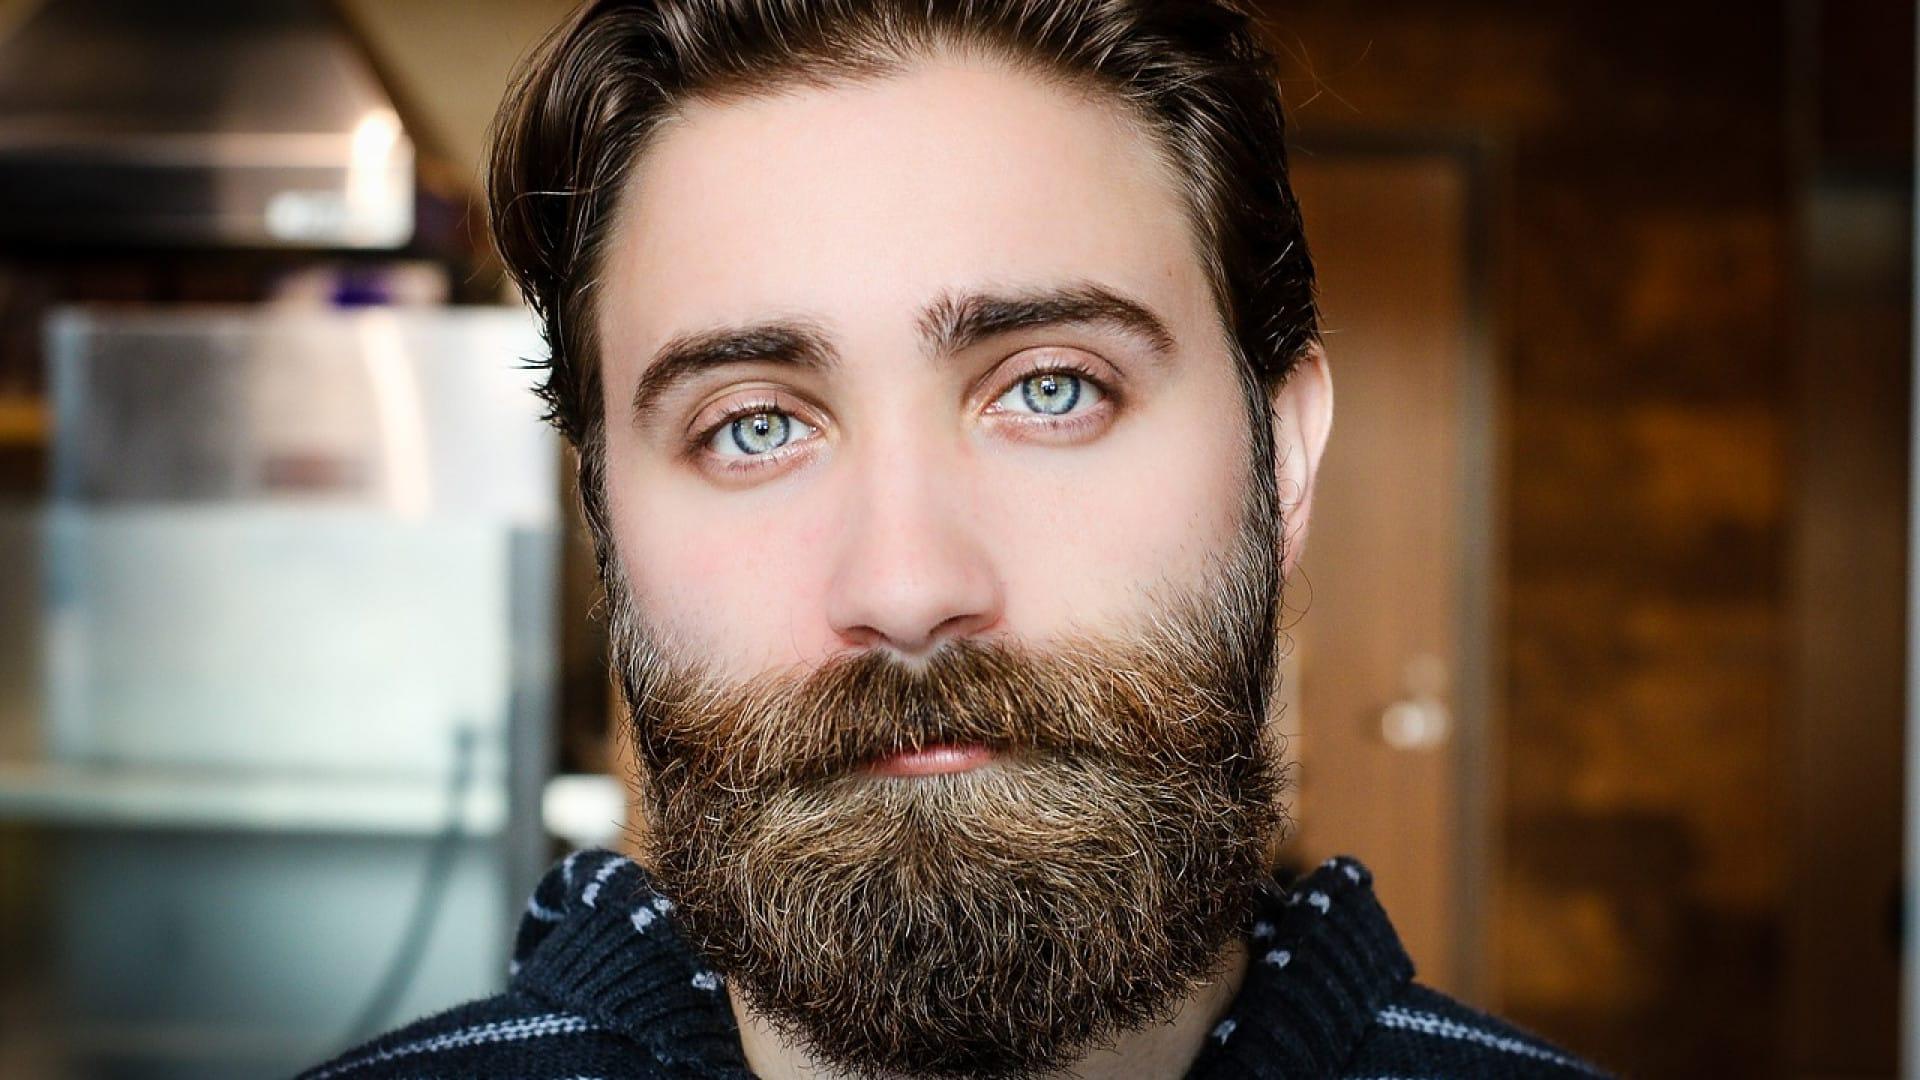 Quelles solutions utiliser pour éviter les trous dans la barbe ?